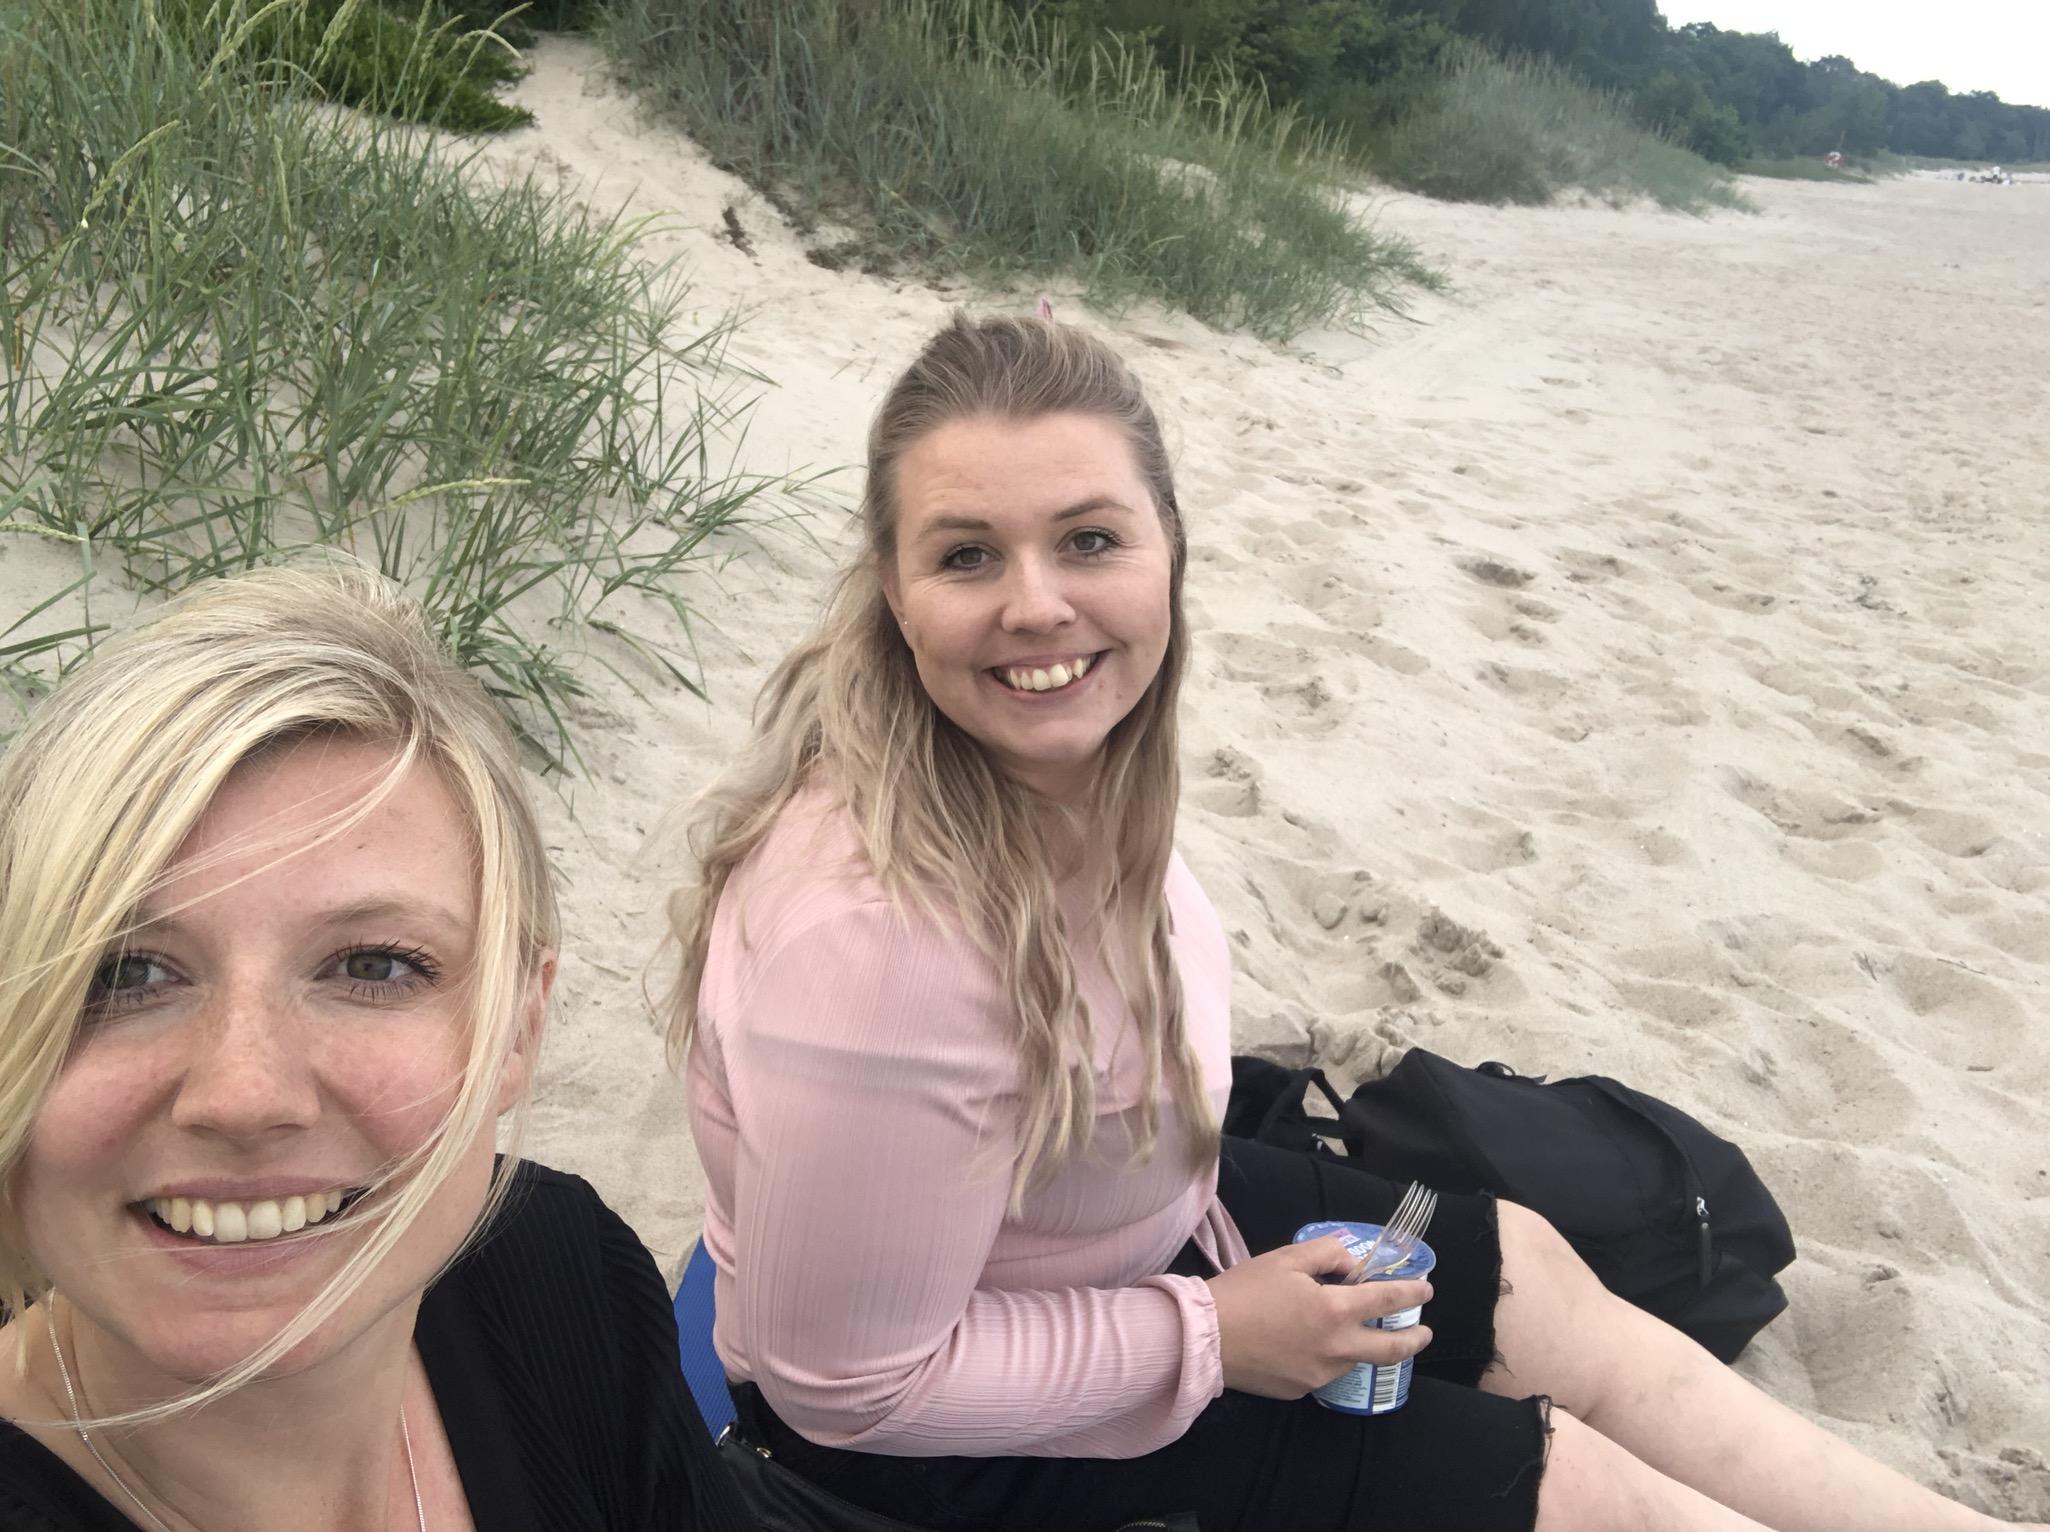 Fördriver tid och äter middag på stranden vid Ystad Saltsjöbad i väntan på att köra ombord på färjan mot Polen.